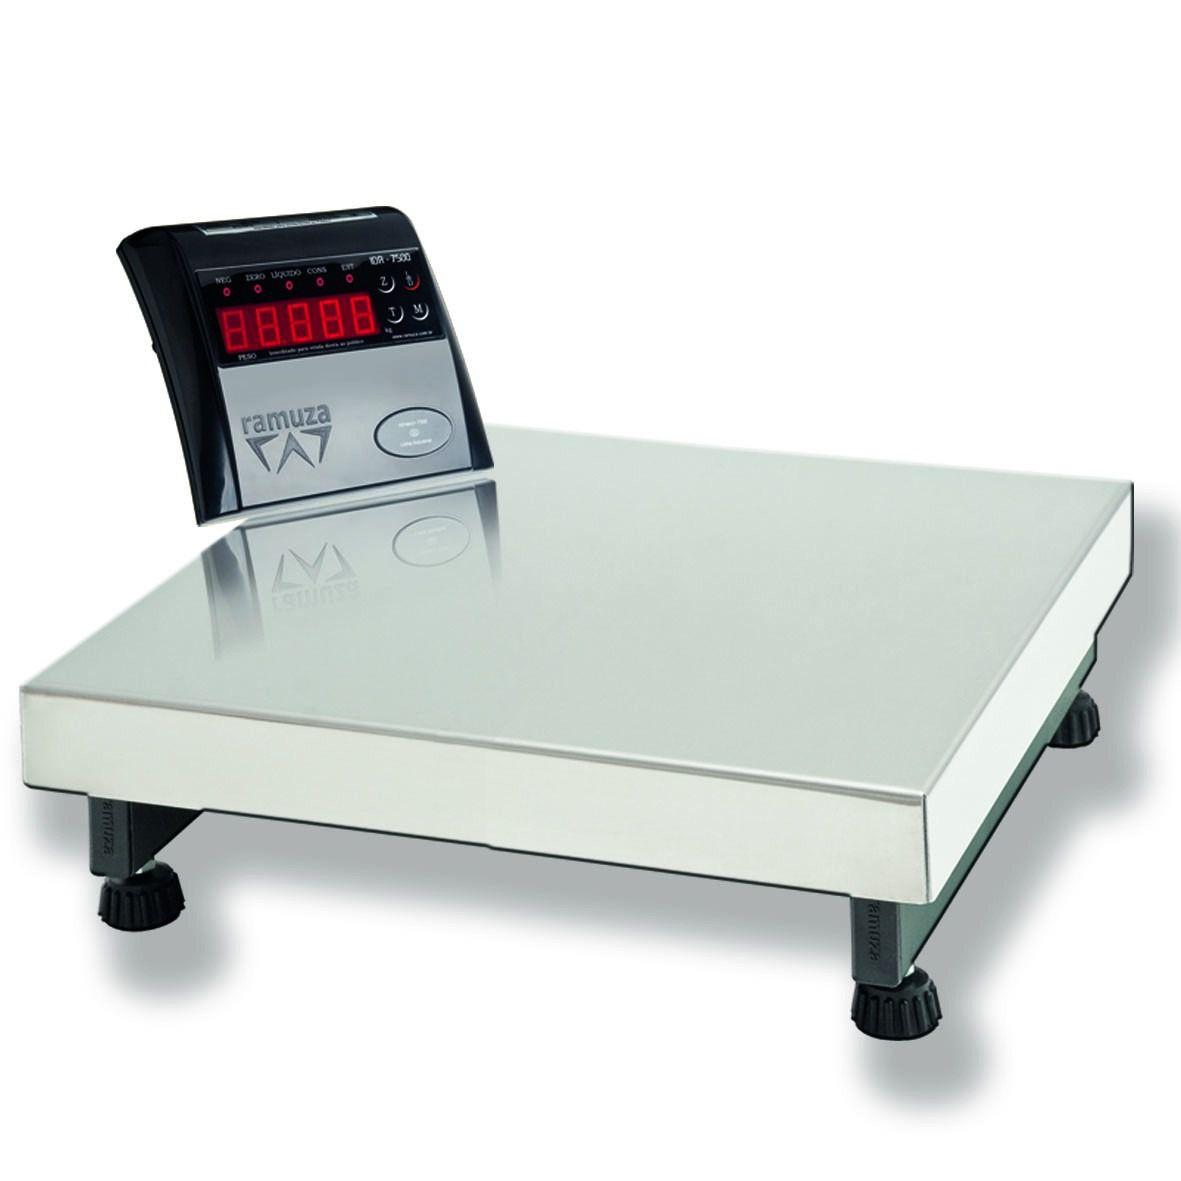 Balança Industrial Ramuza com Plataforma 50 Kg - Dp-50  - Carmel Equipamentos